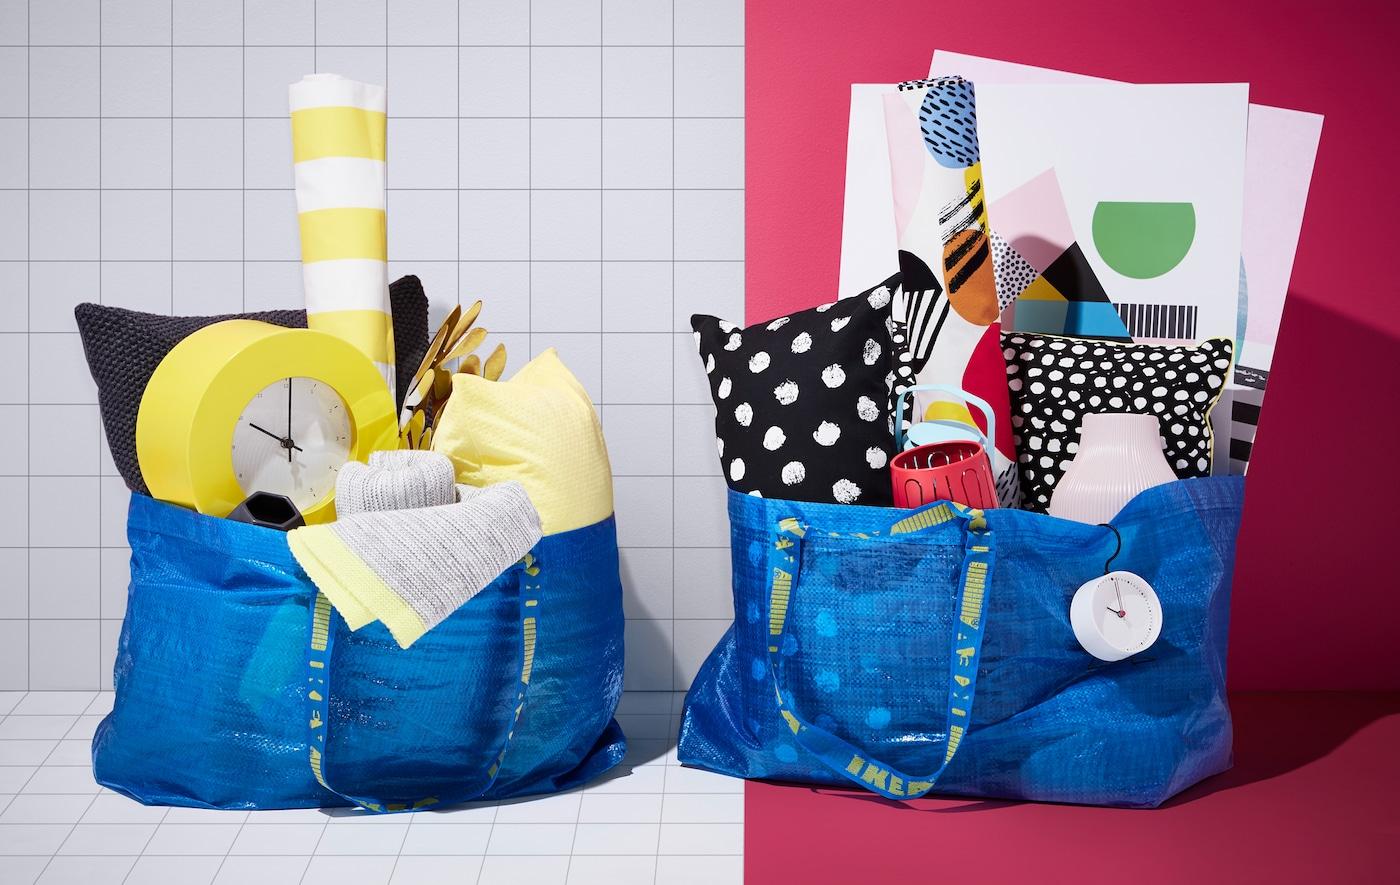 Deux looks colorés différents dans deux sacs bleus (FRAKTA) qui contiennent tous les produits nécessaires pour les deux styles.